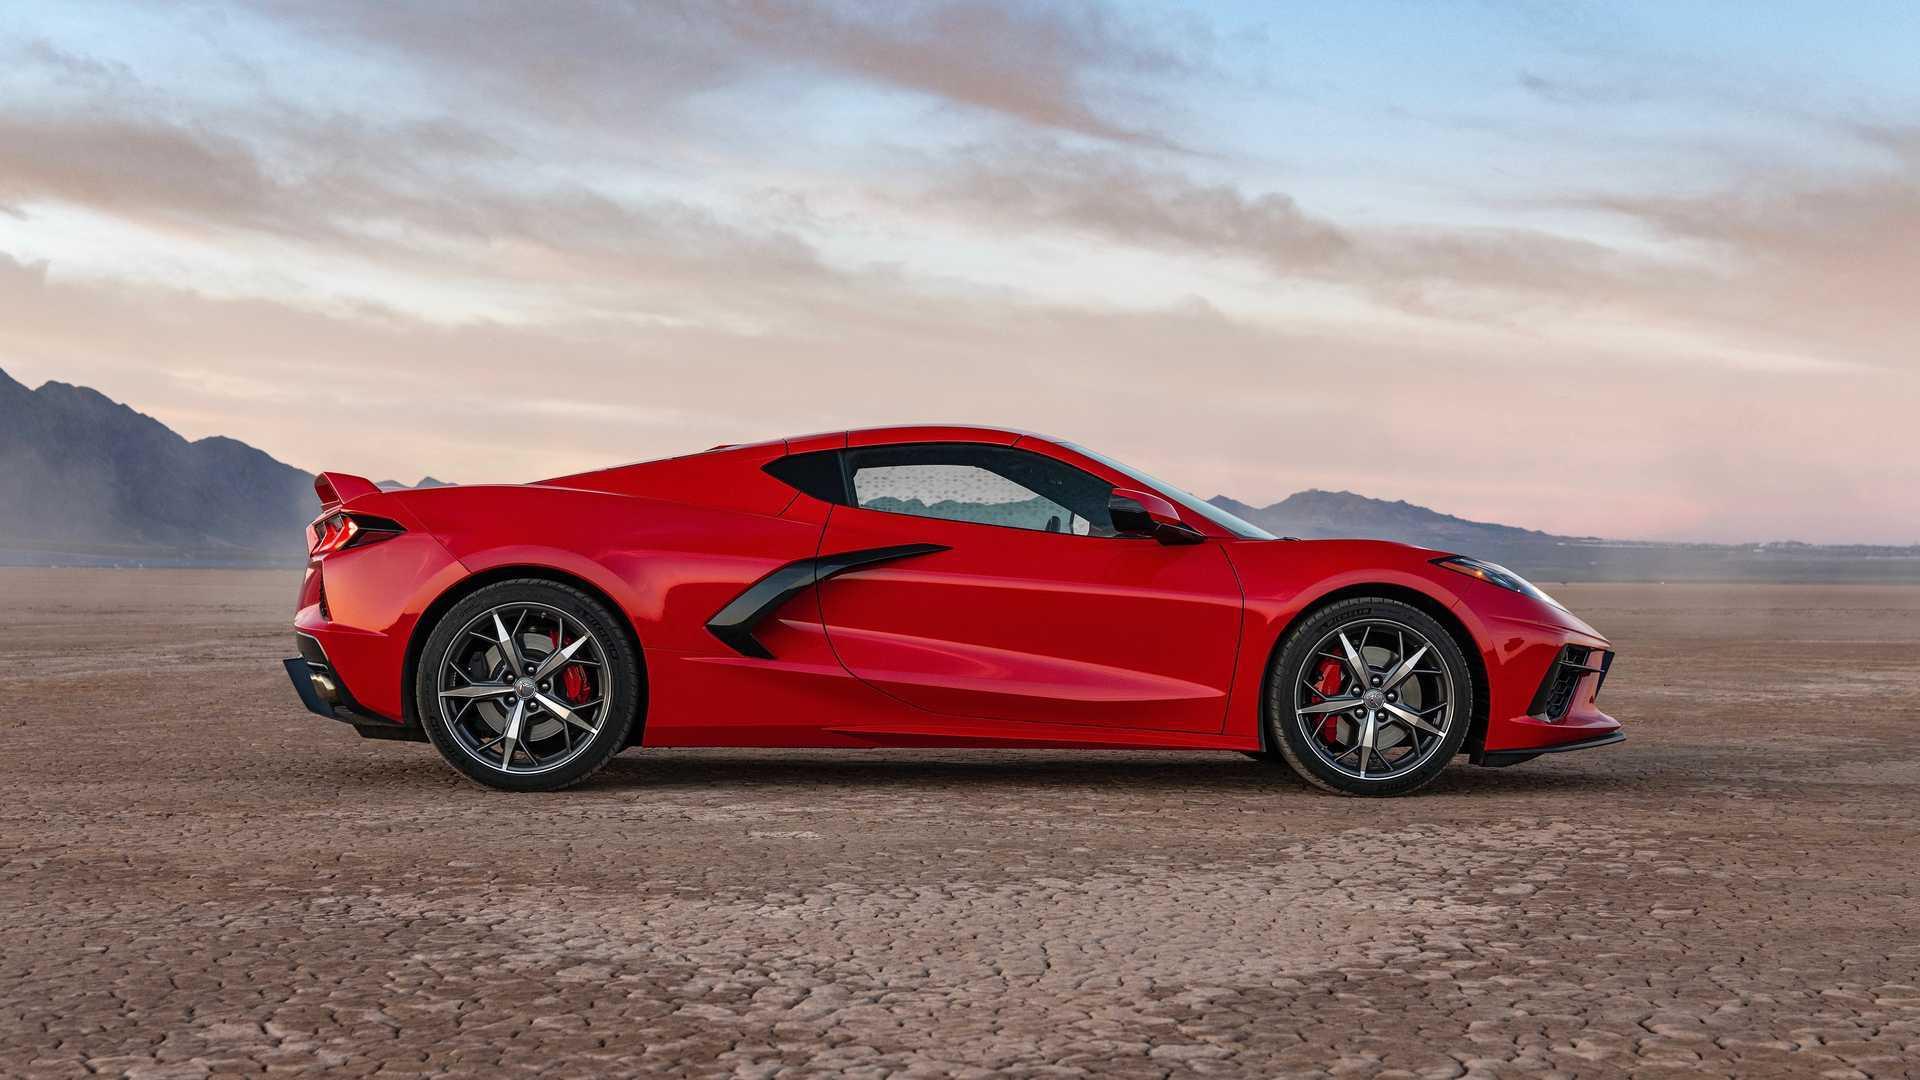 Chevrolet Corvette перестанут красить в три цвета с 2022 года